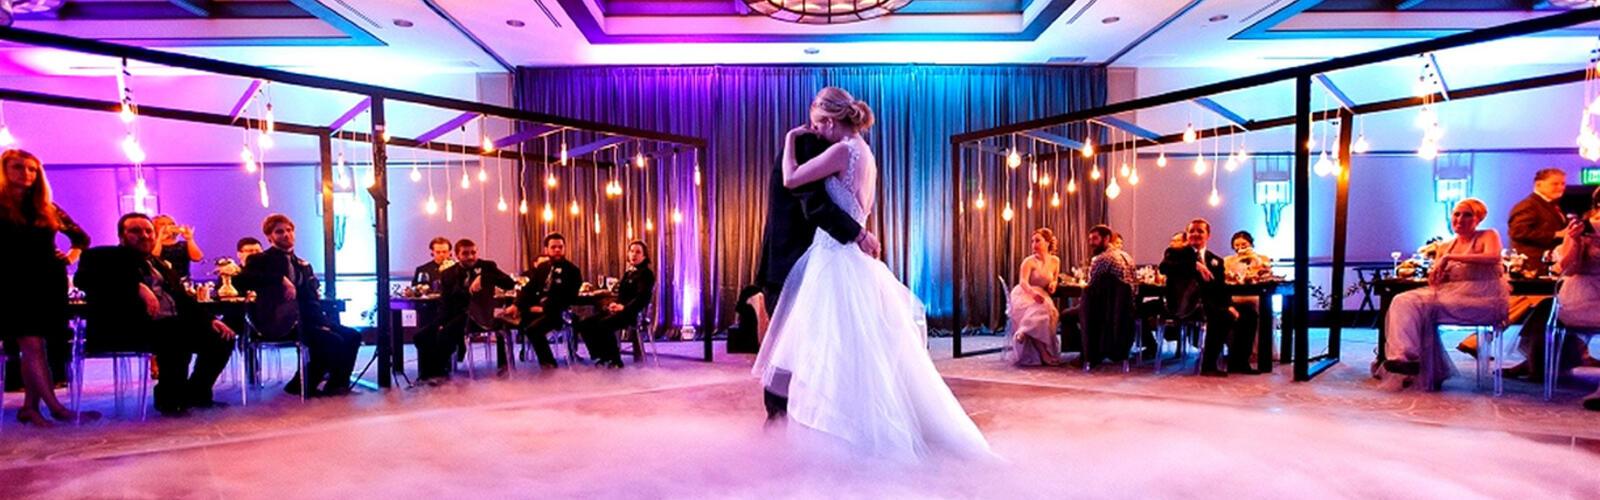 Svatební tanec na míru